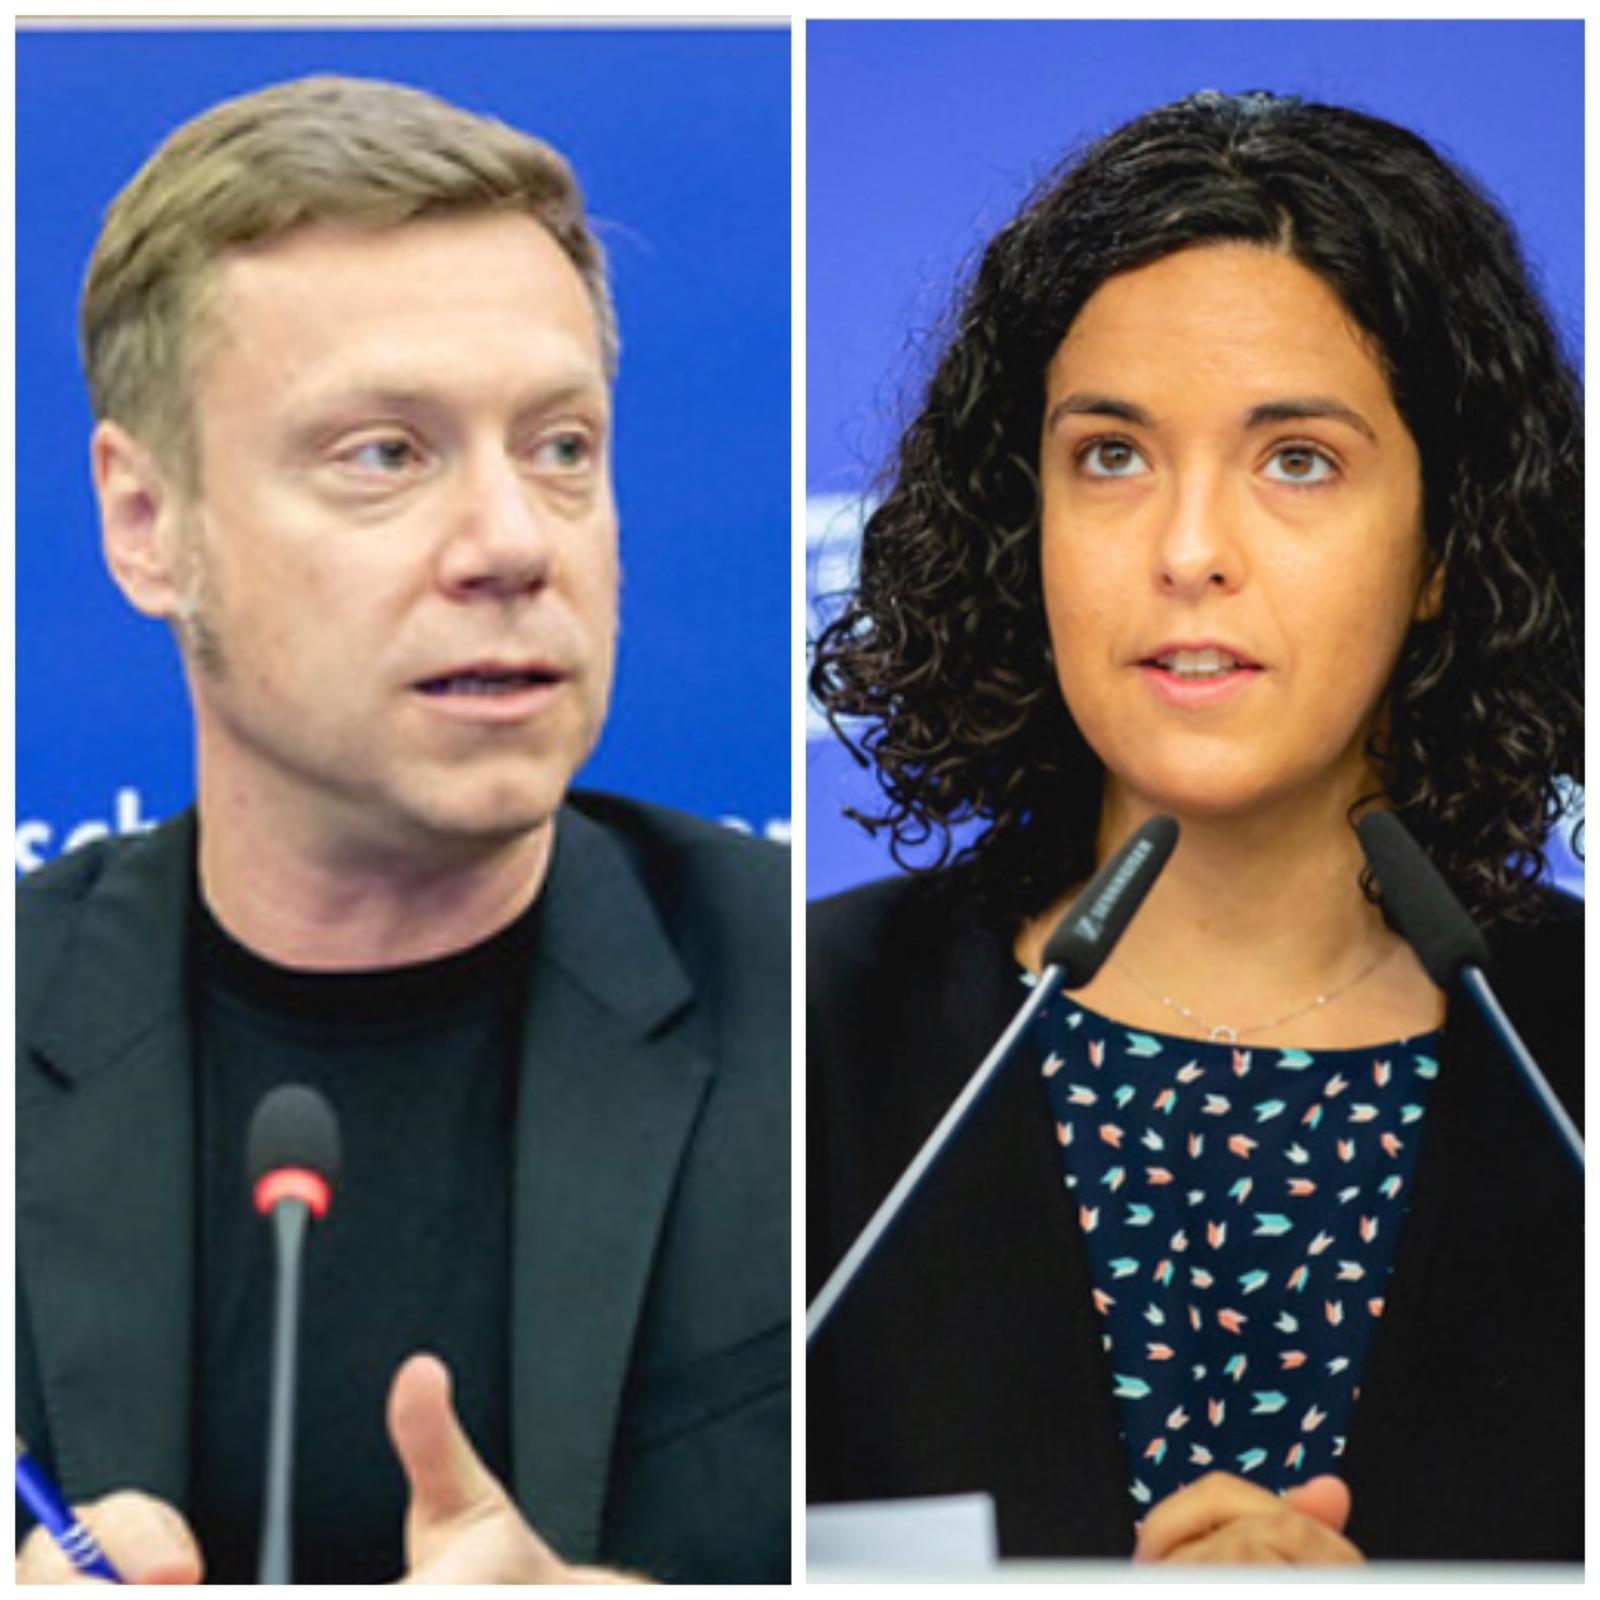 Manon Aubry and Martin Schirdewan